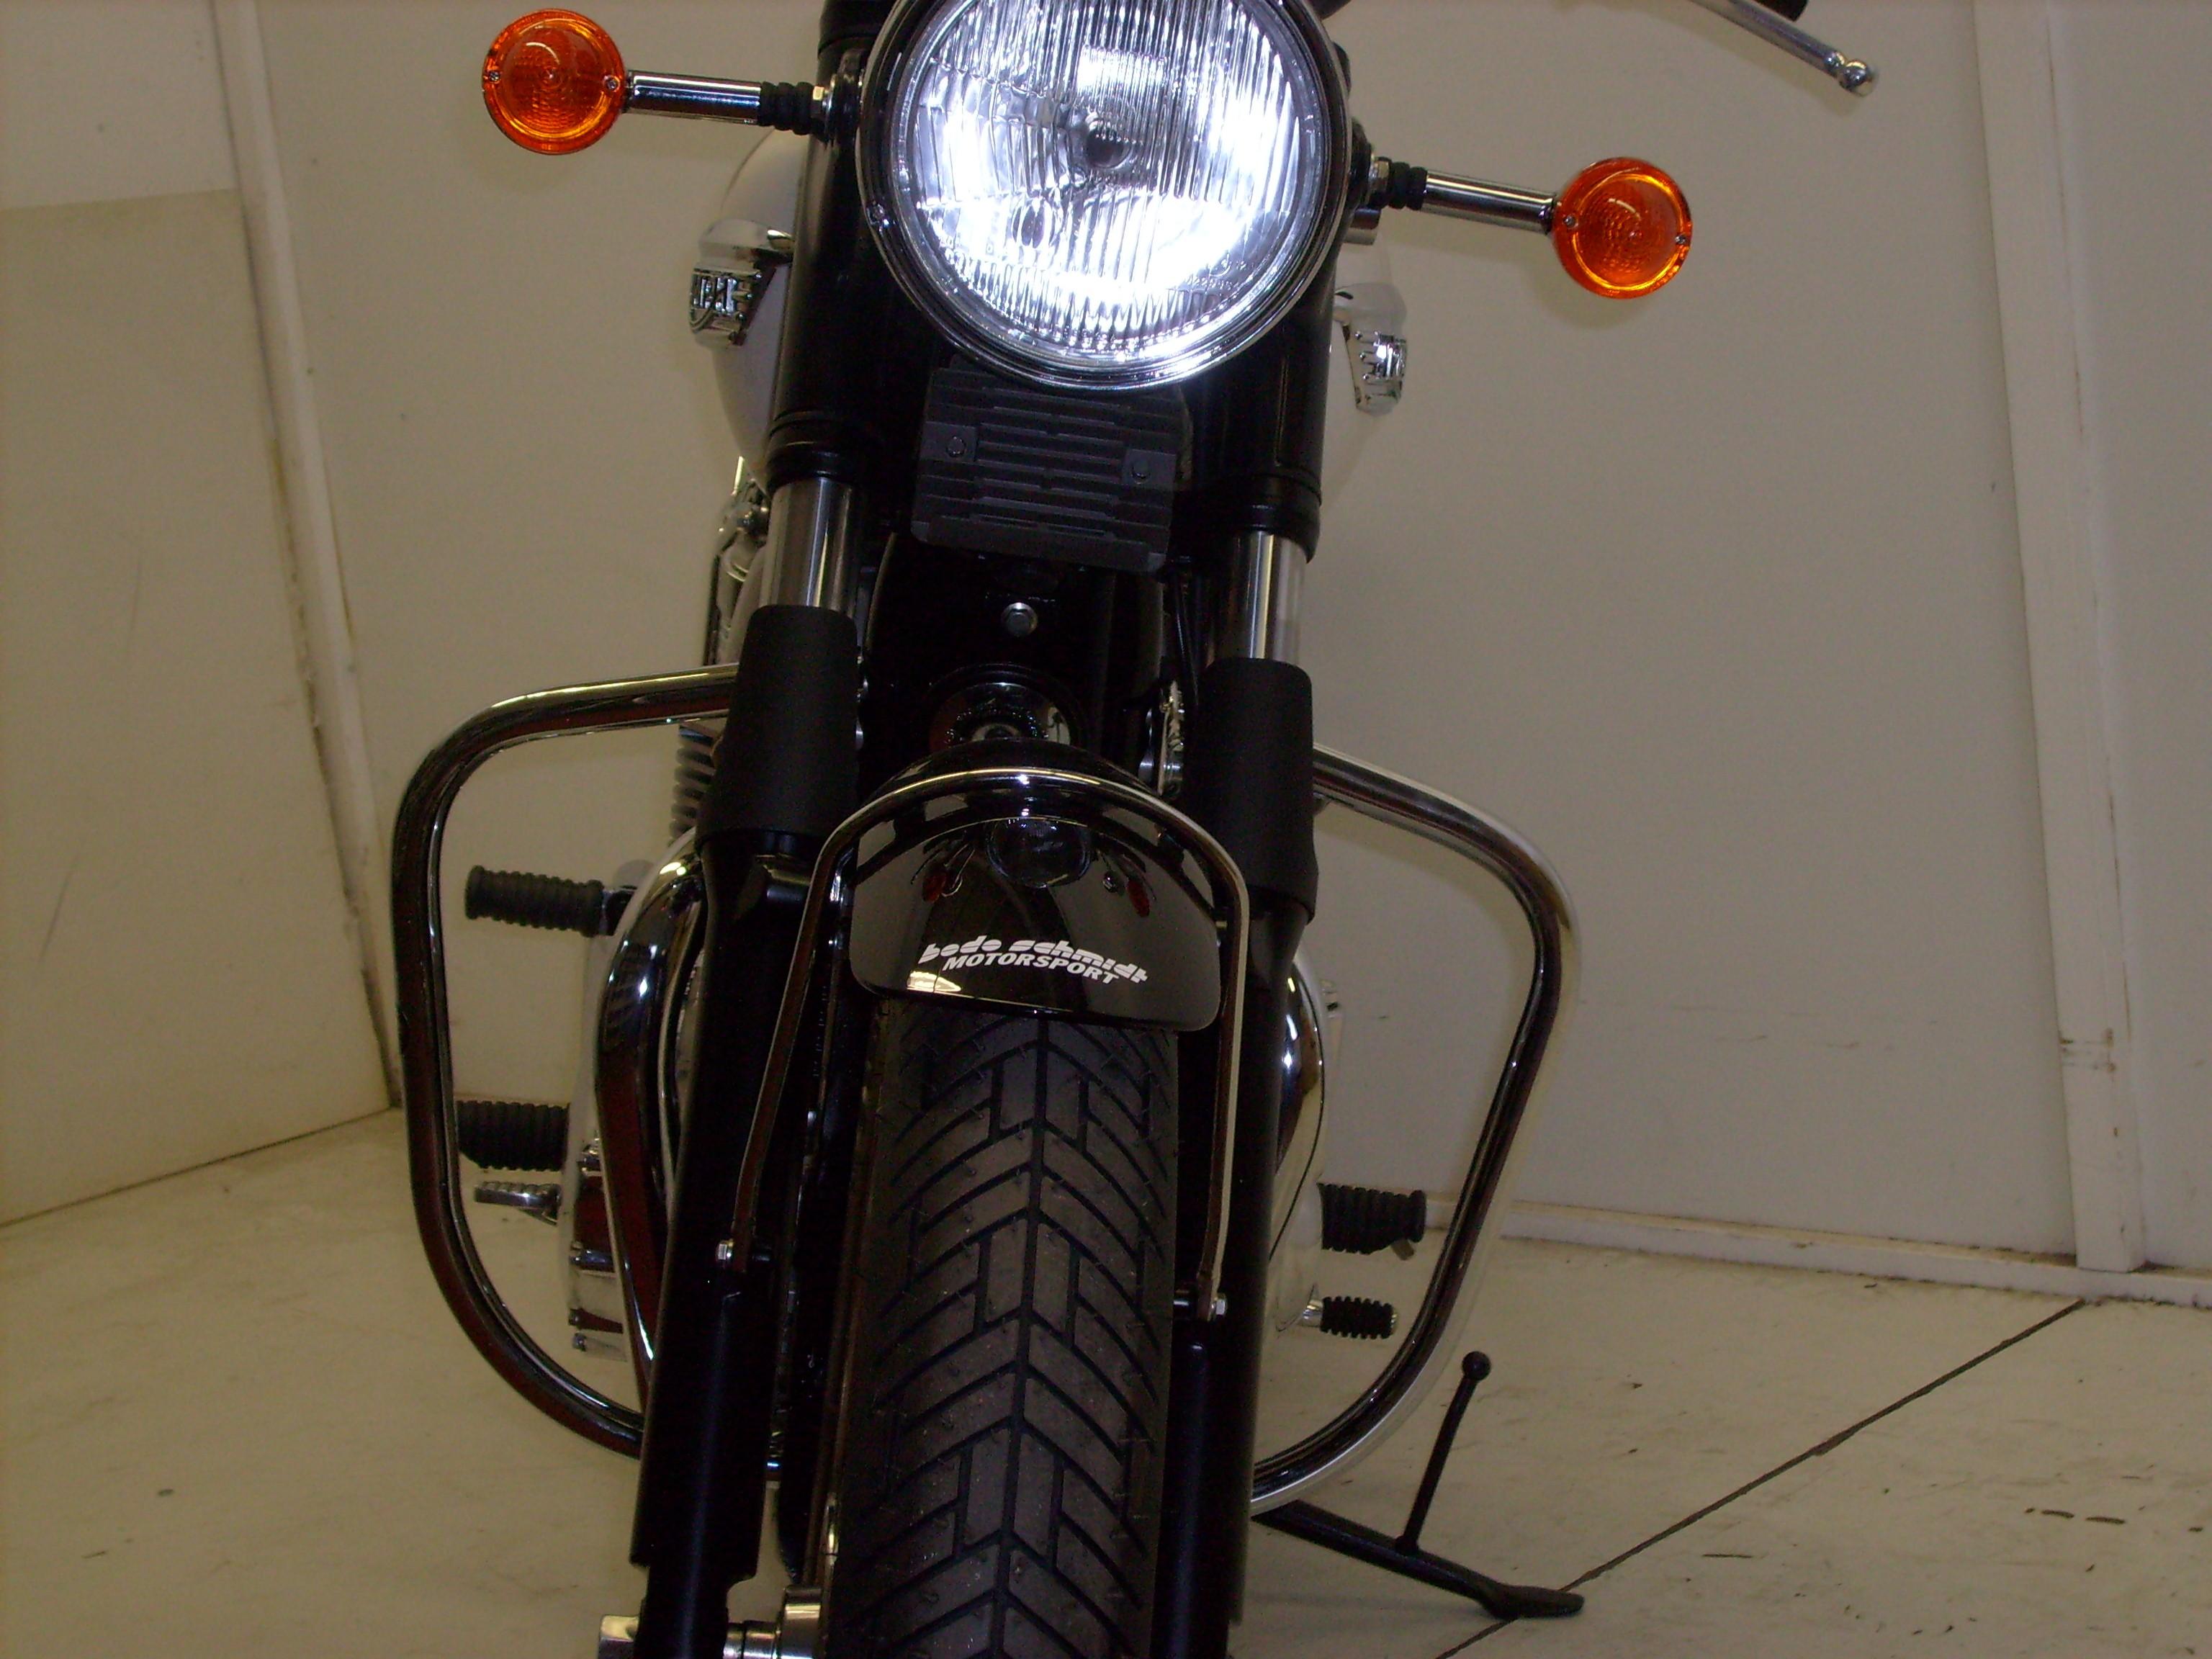 Hepco & Becker Triumph Bonneville T100 Engine Protection Guard - Chrome